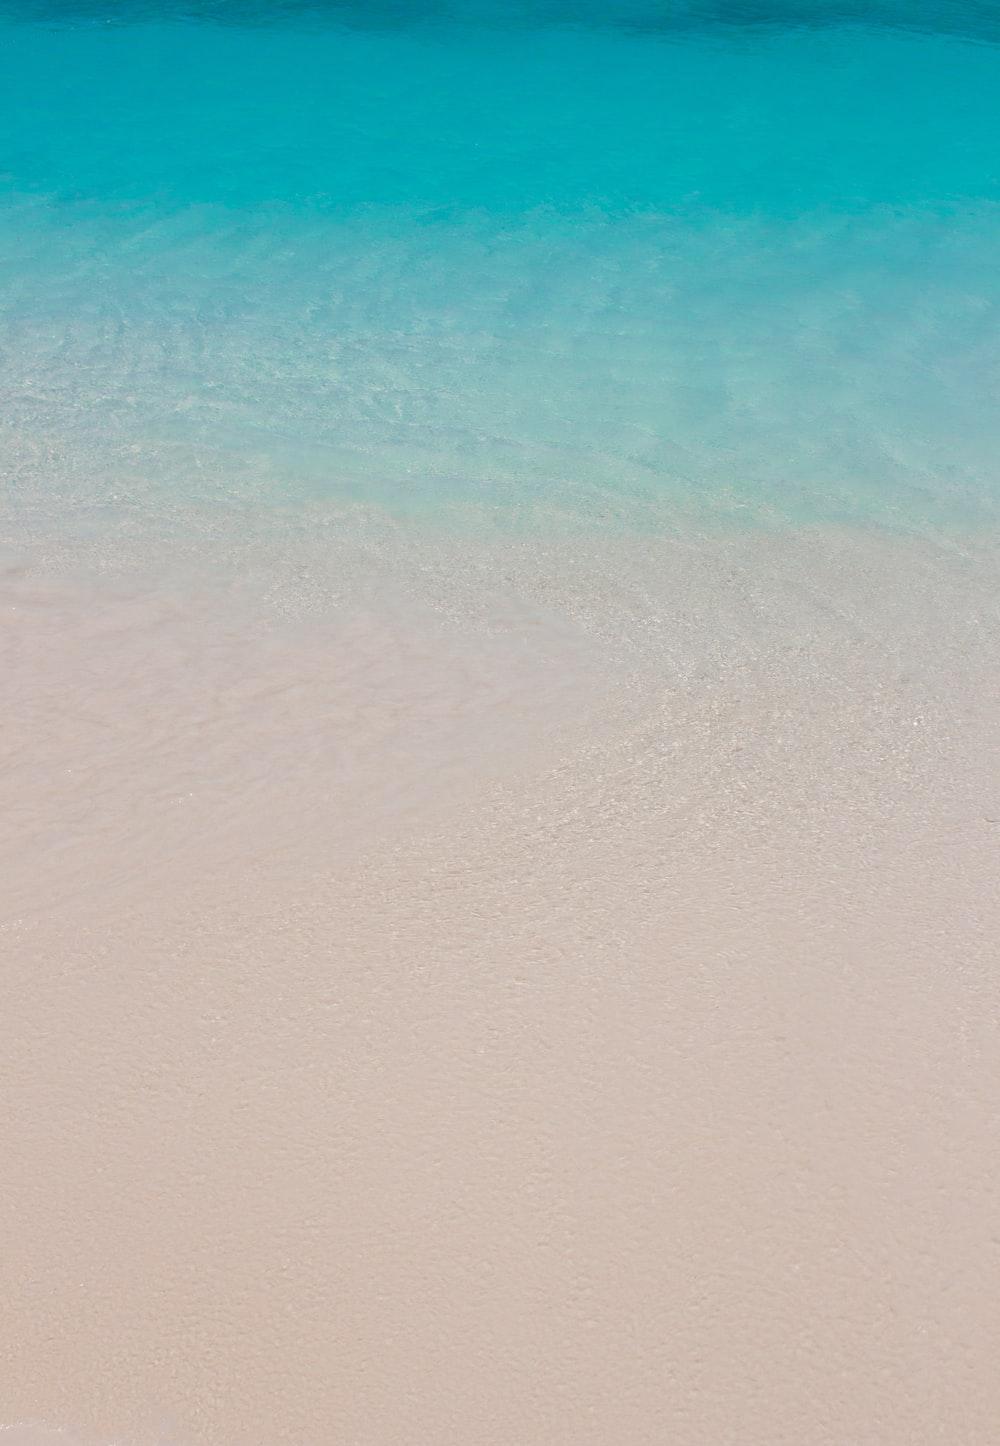 1 kuub zand prijs